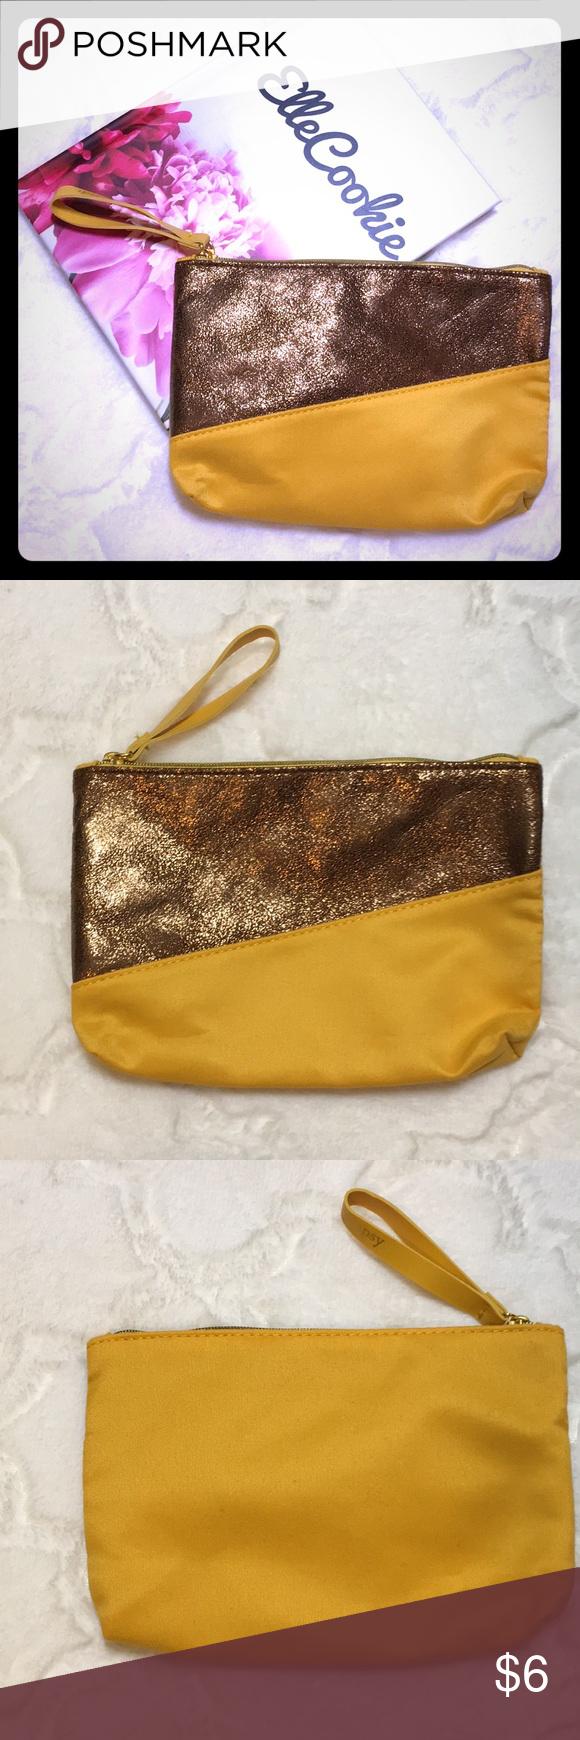 {NEW} IPSY Golden Jewel Toned Makeup Bag Colorblock Makeup